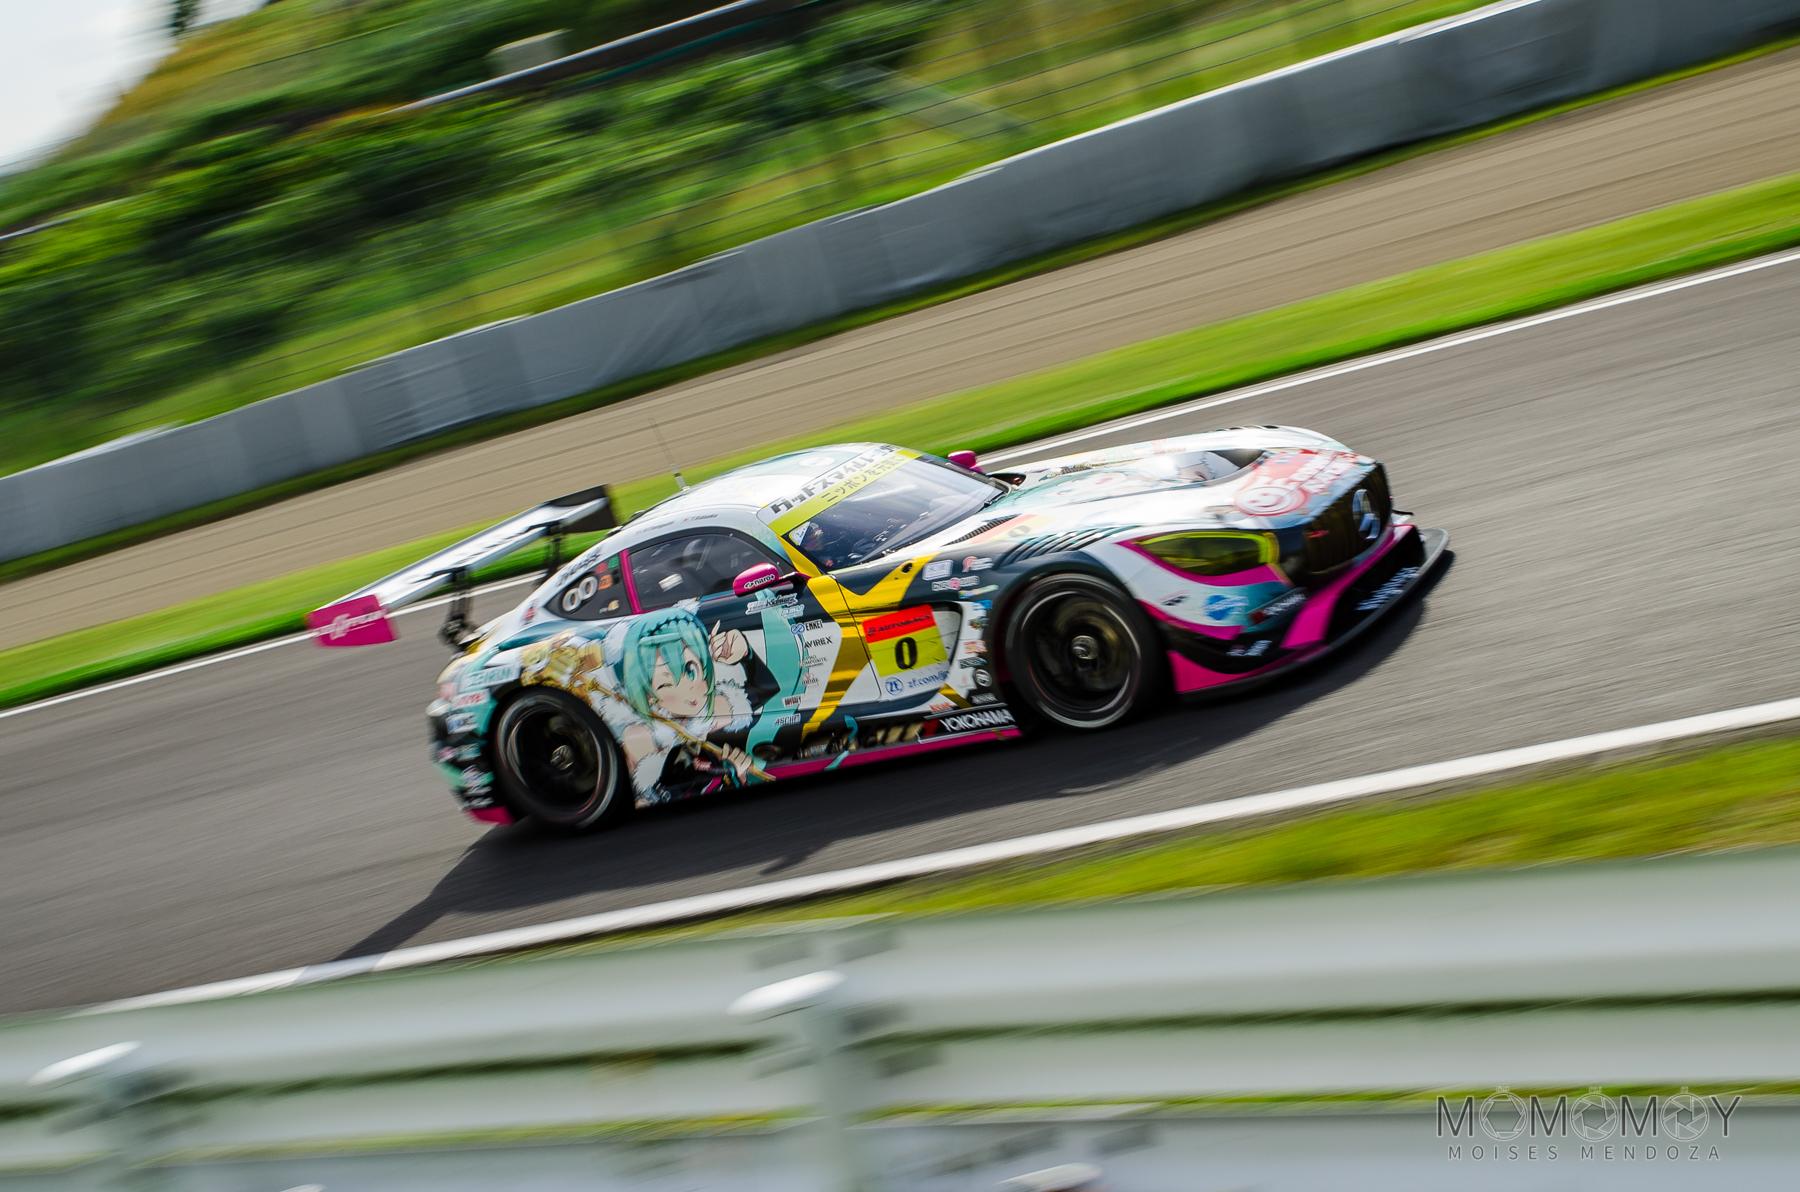 Suzuka GT 300 Km - Super GT. Lap 1